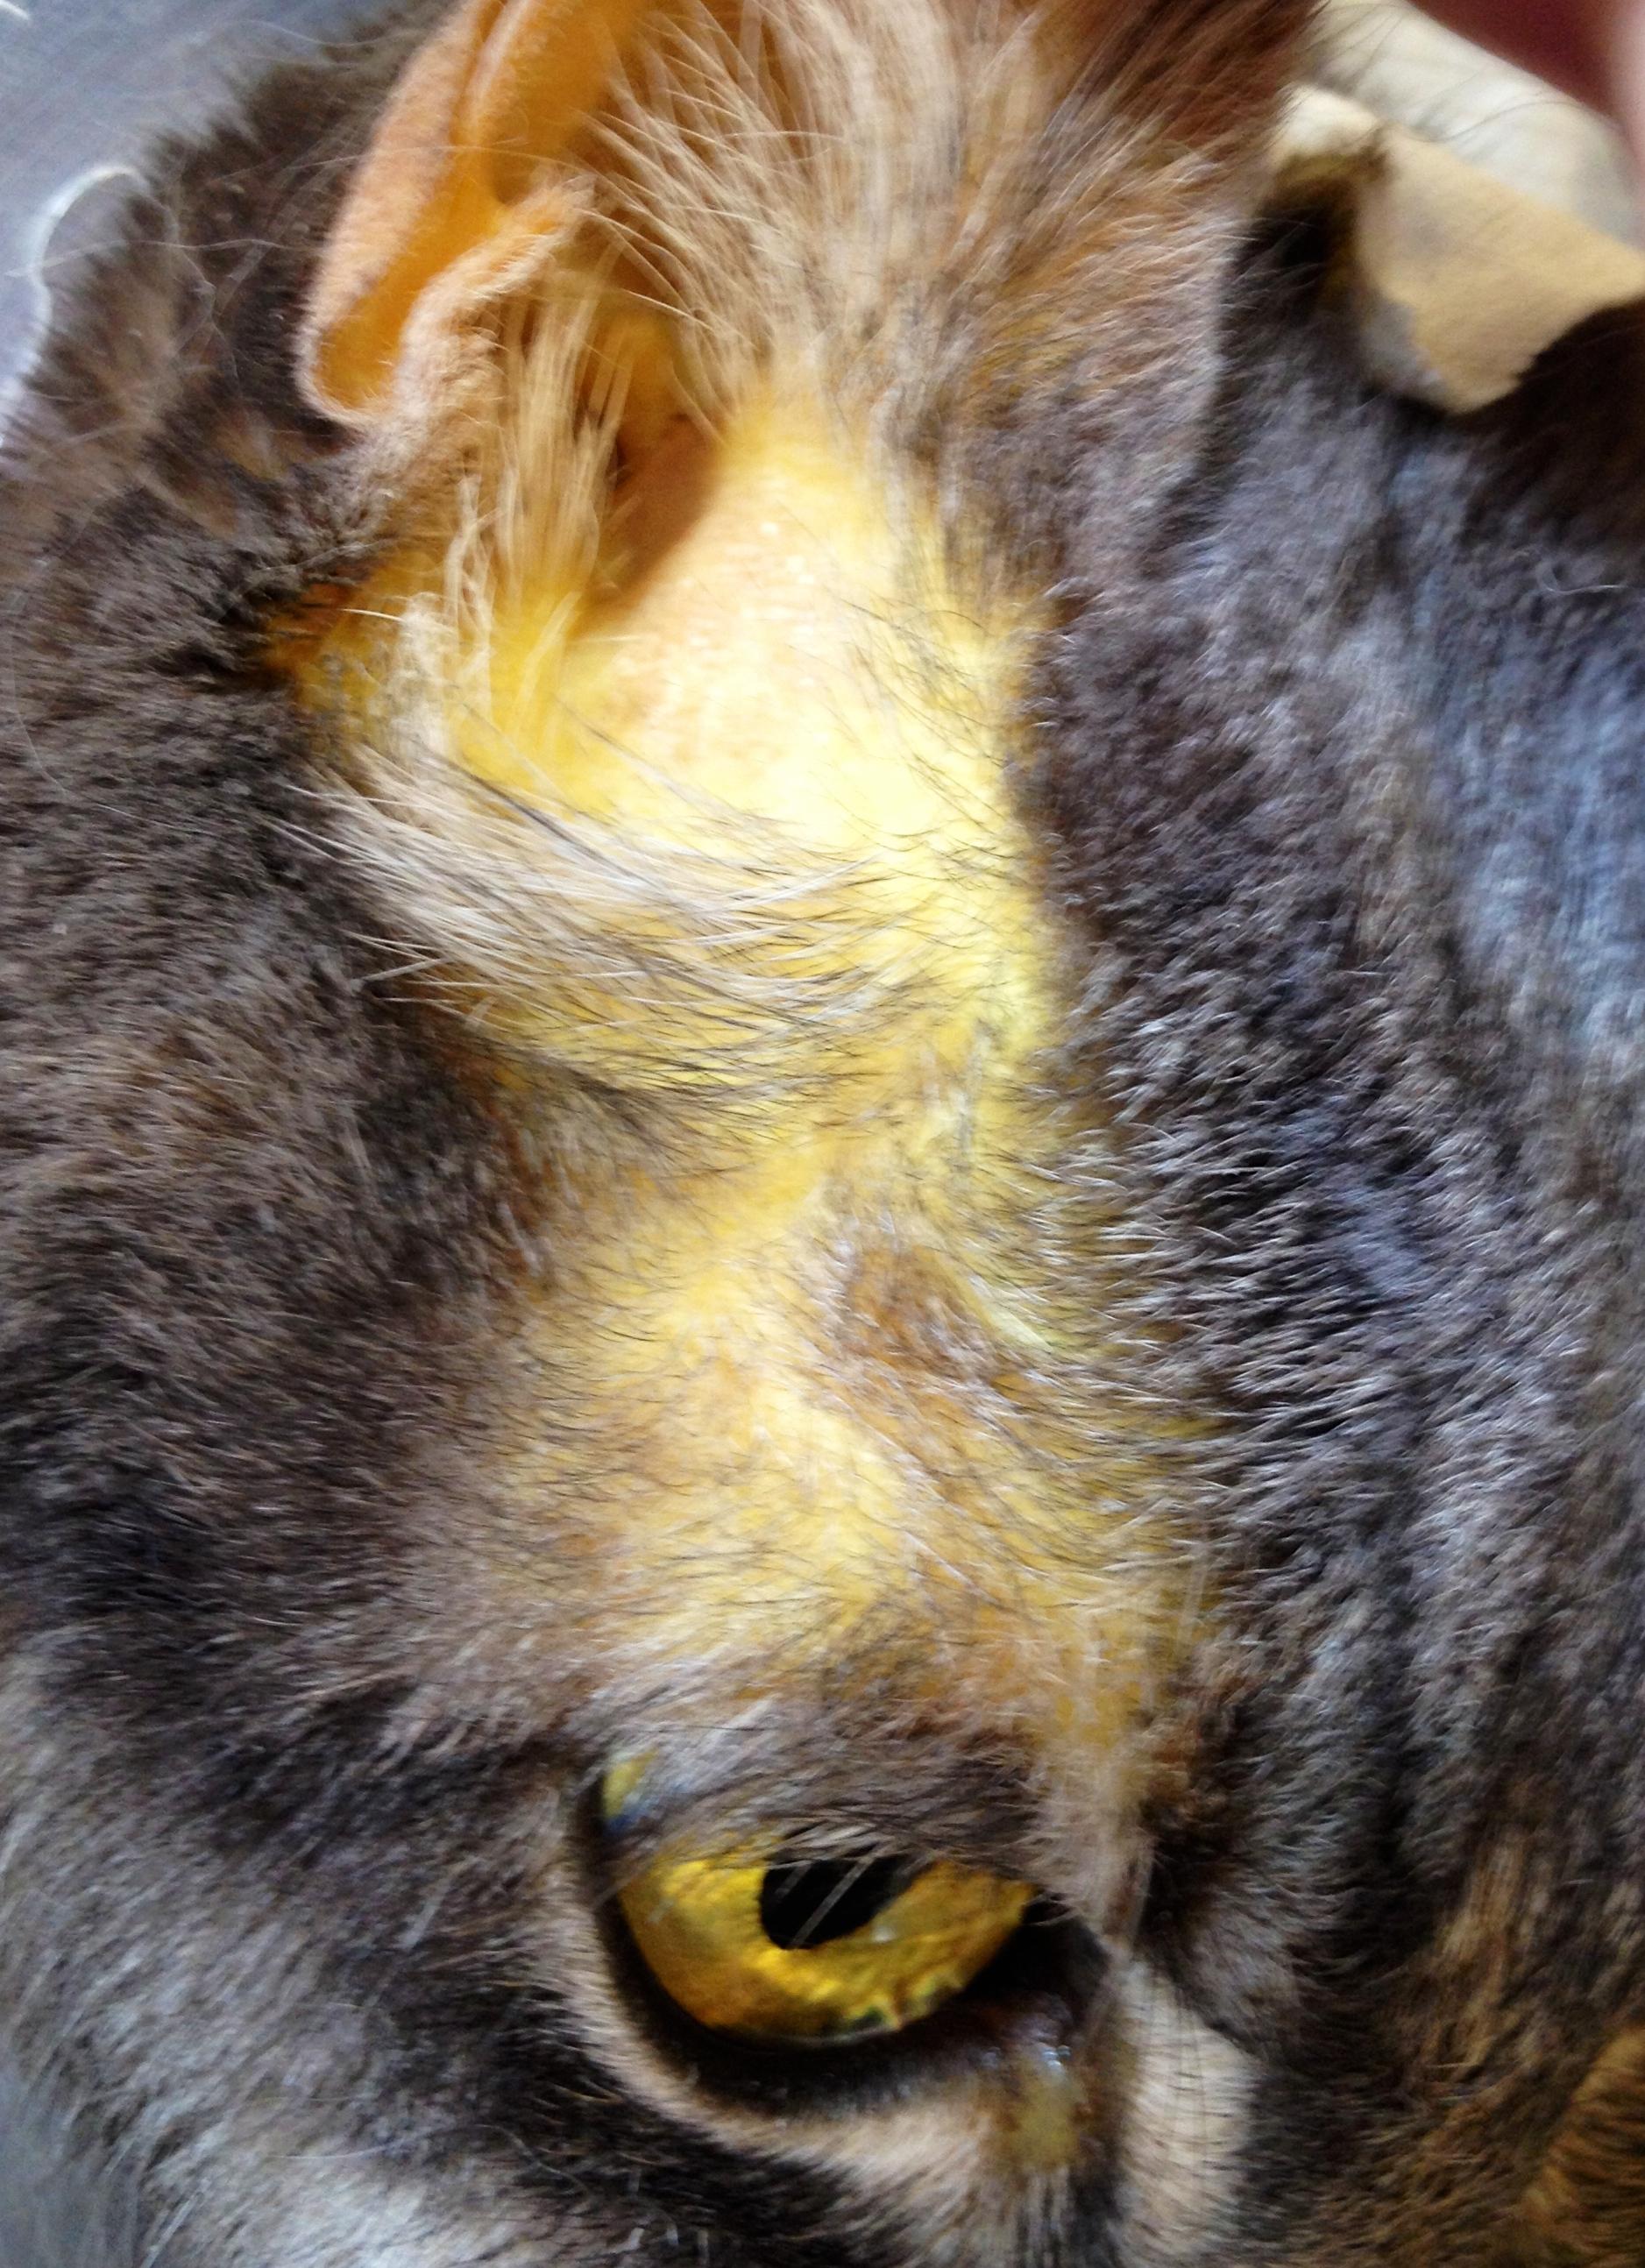 Cat Jaundice Eyes